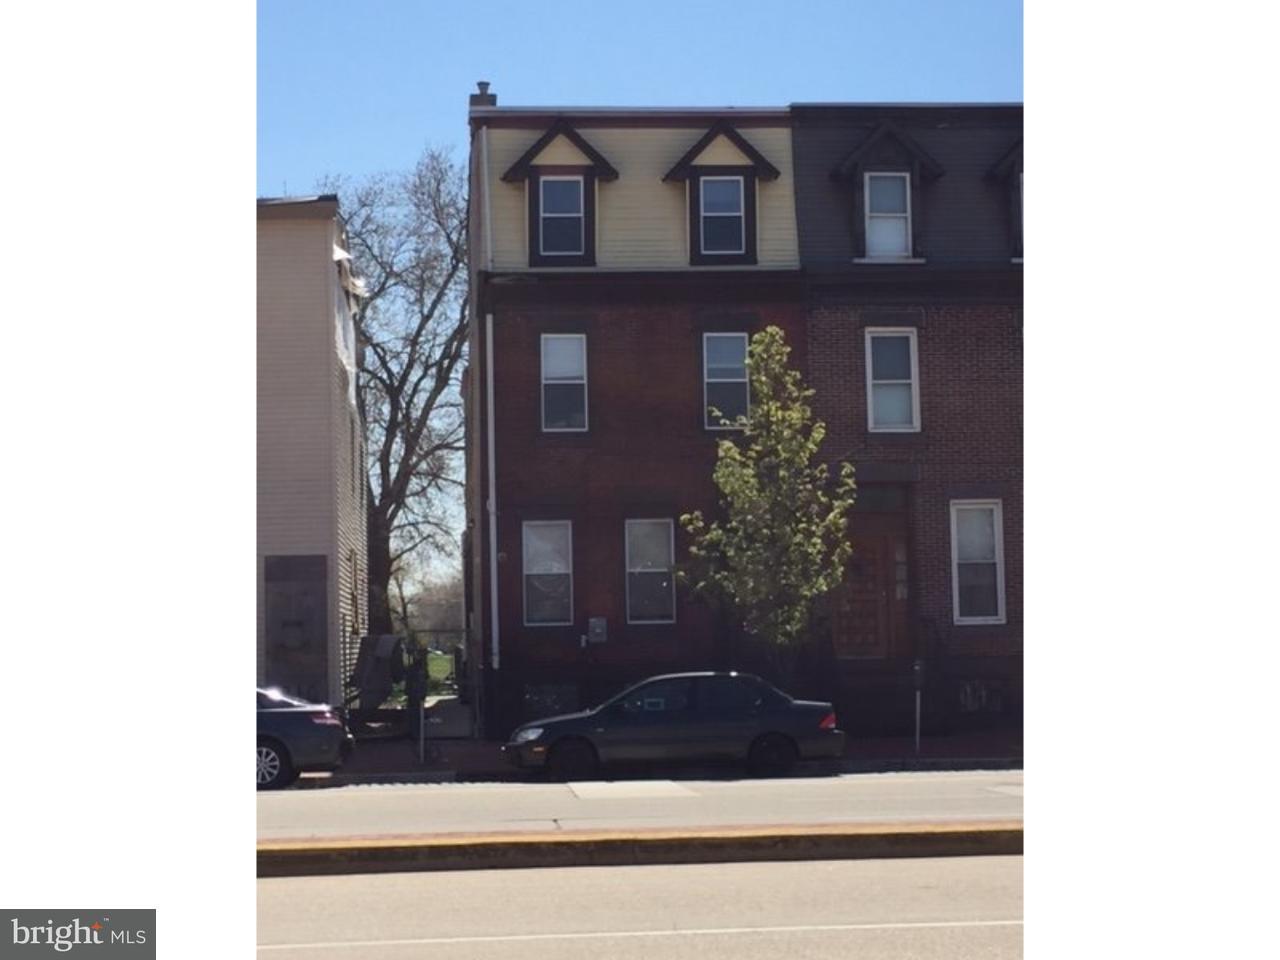 Частный односемейный дом для того Продажа на 308 MARTIN LUTHER KING BLVD Camden, Нью-Джерси 08103 Соединенные Штаты